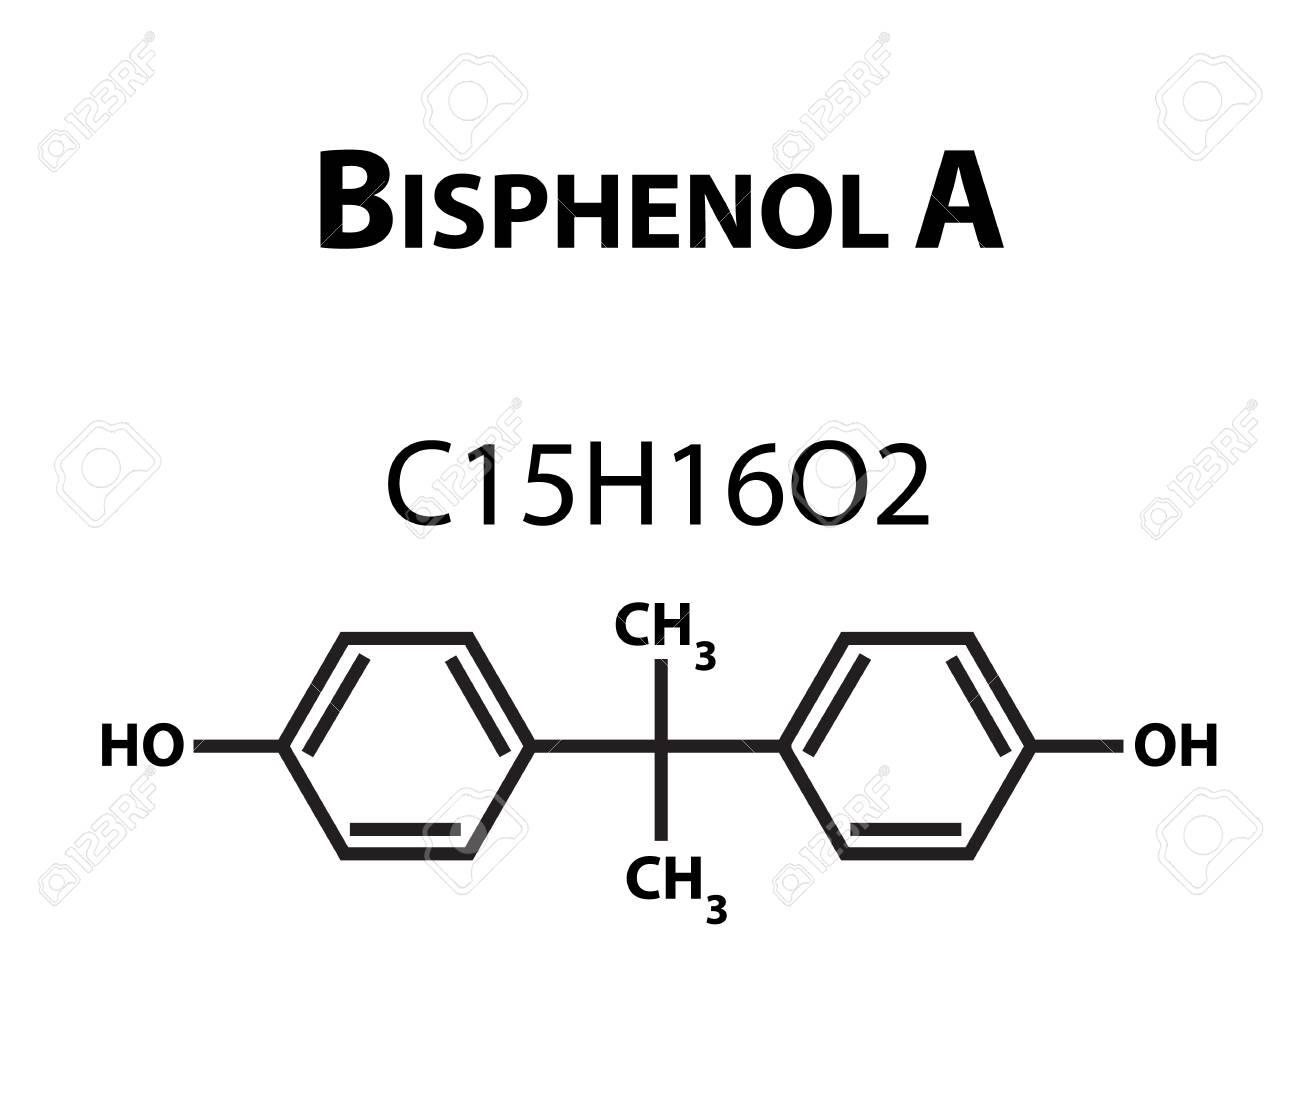 97588887-bisphenol-a-chemical-formula-in